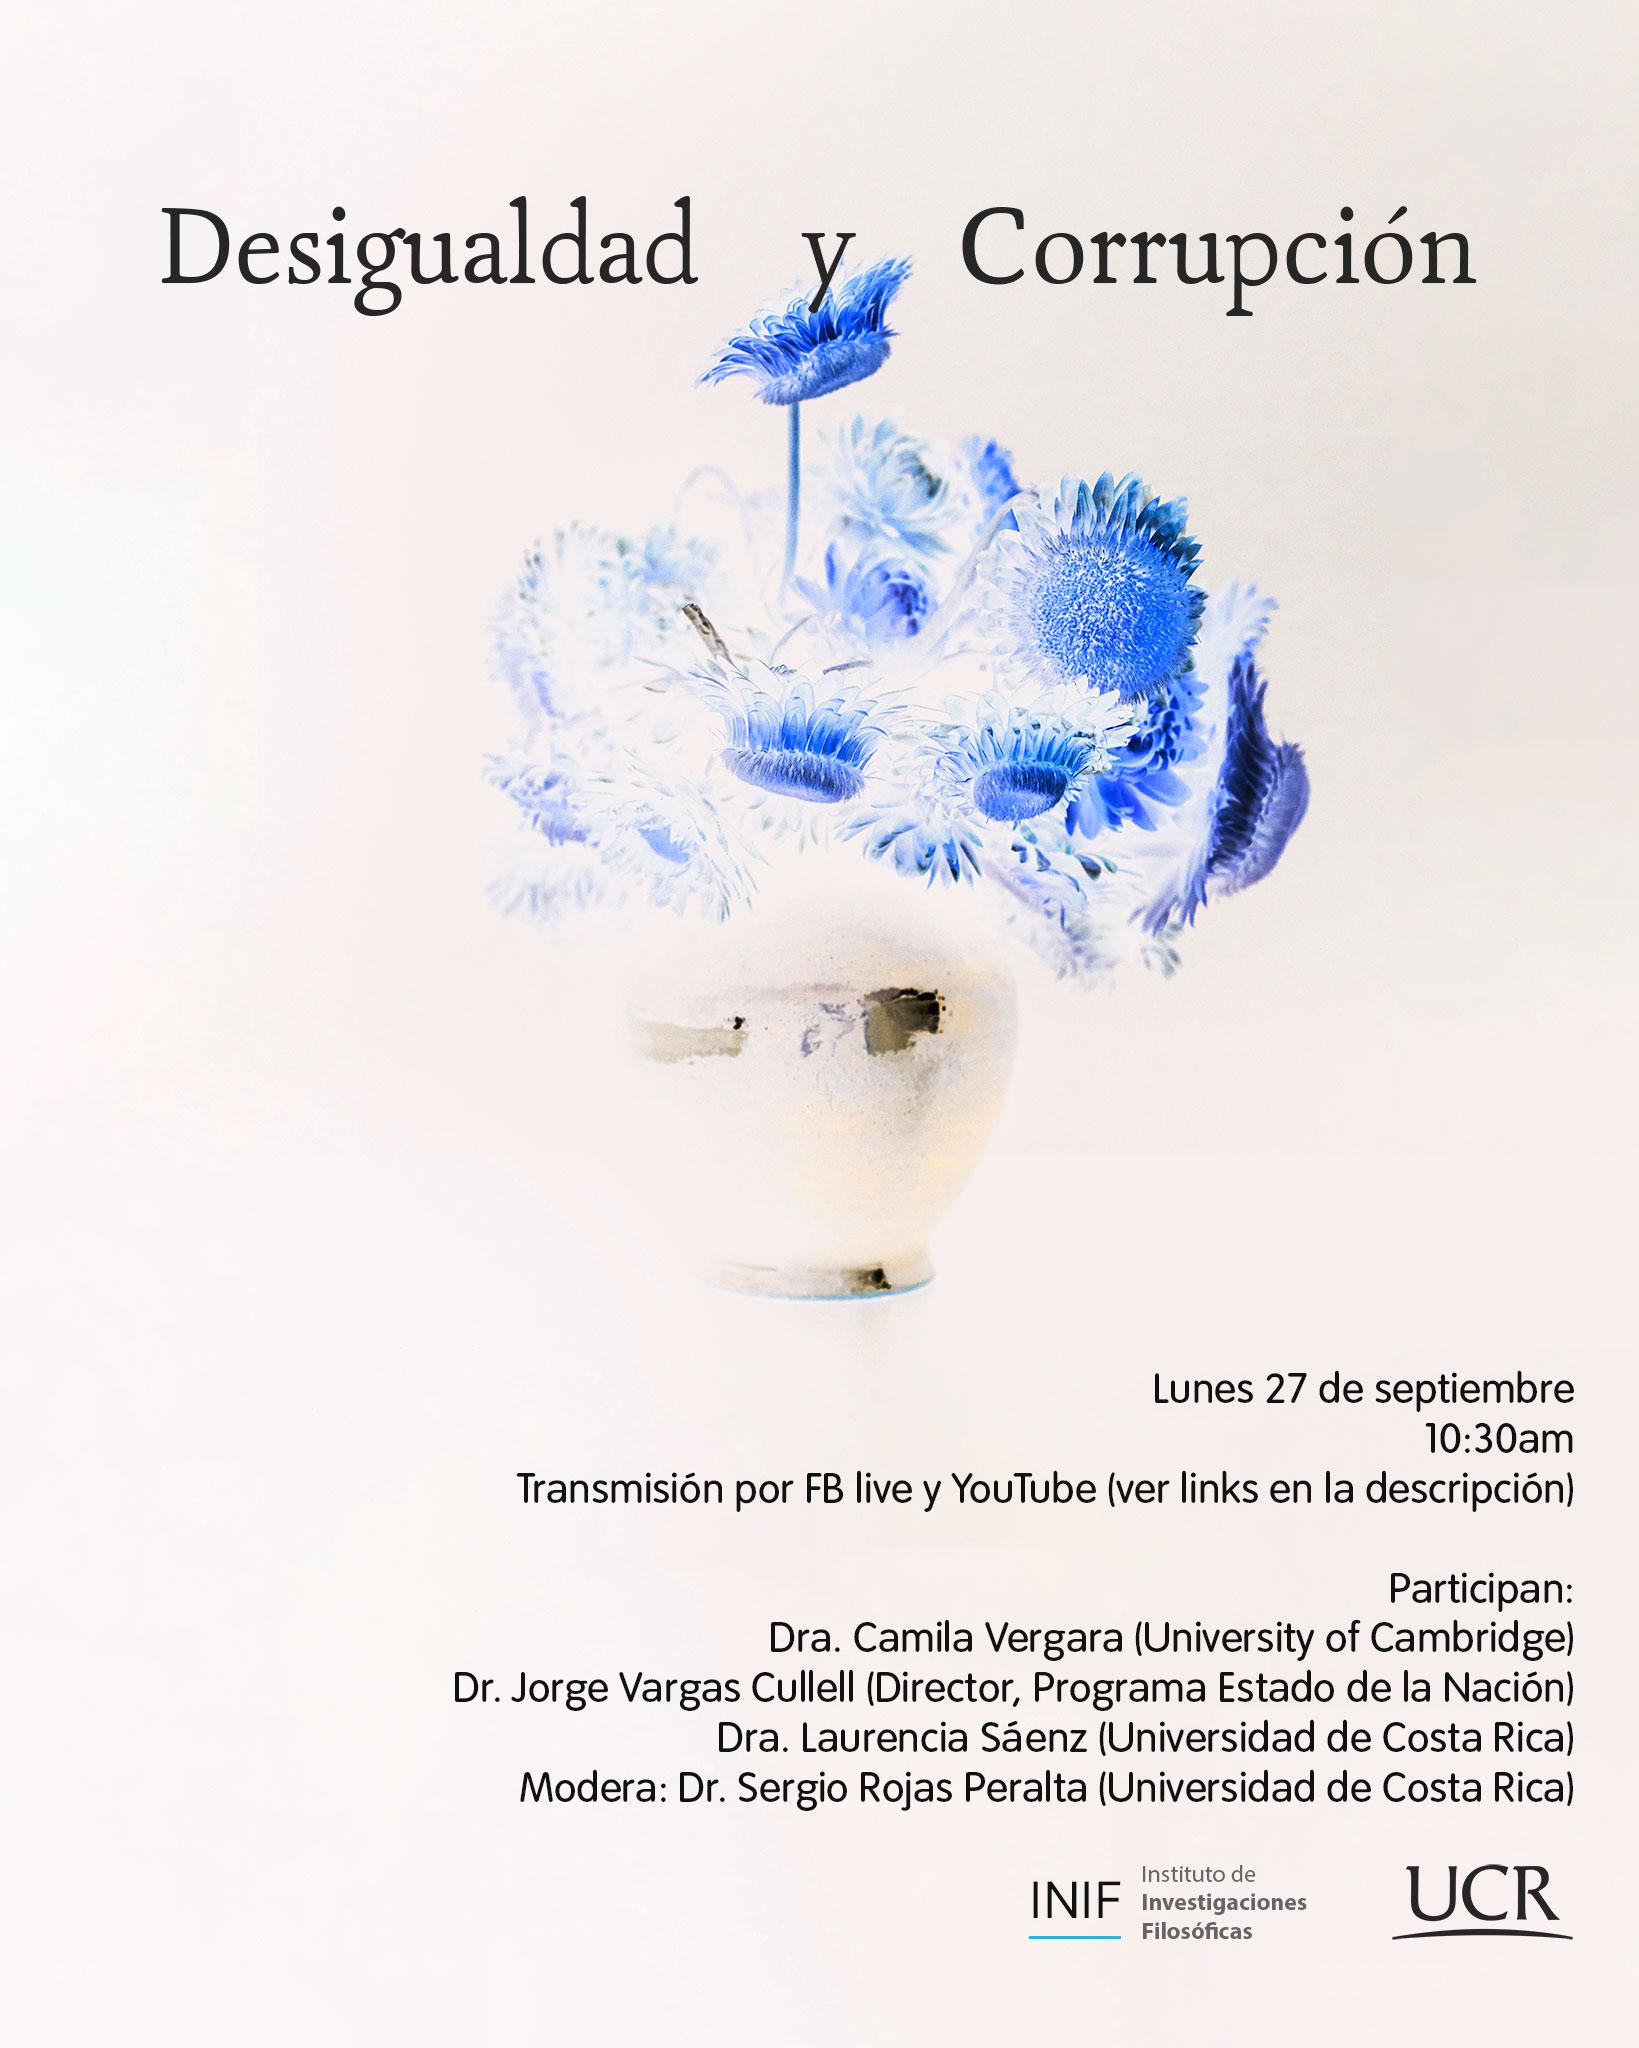 Mesa redonda: Desigualdad y Corrupción